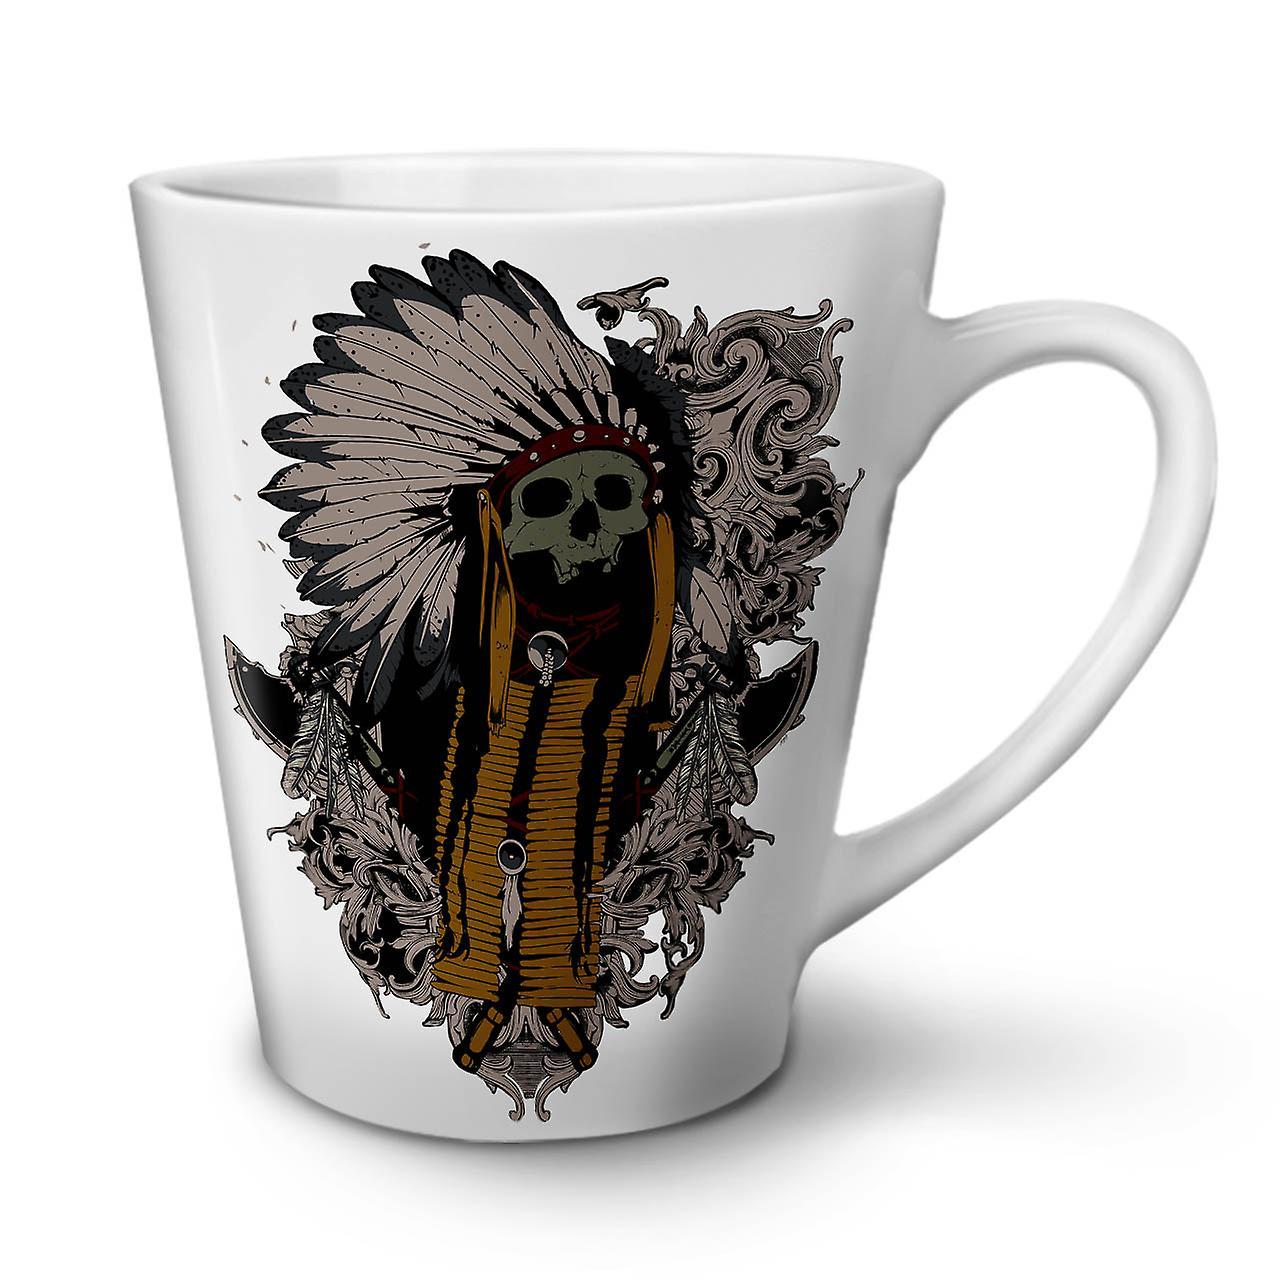 OzWellcoda Latte Céramique 12 Indien Mug Thé En Nouveau Blanc Café Américain L'art 5j4LRA